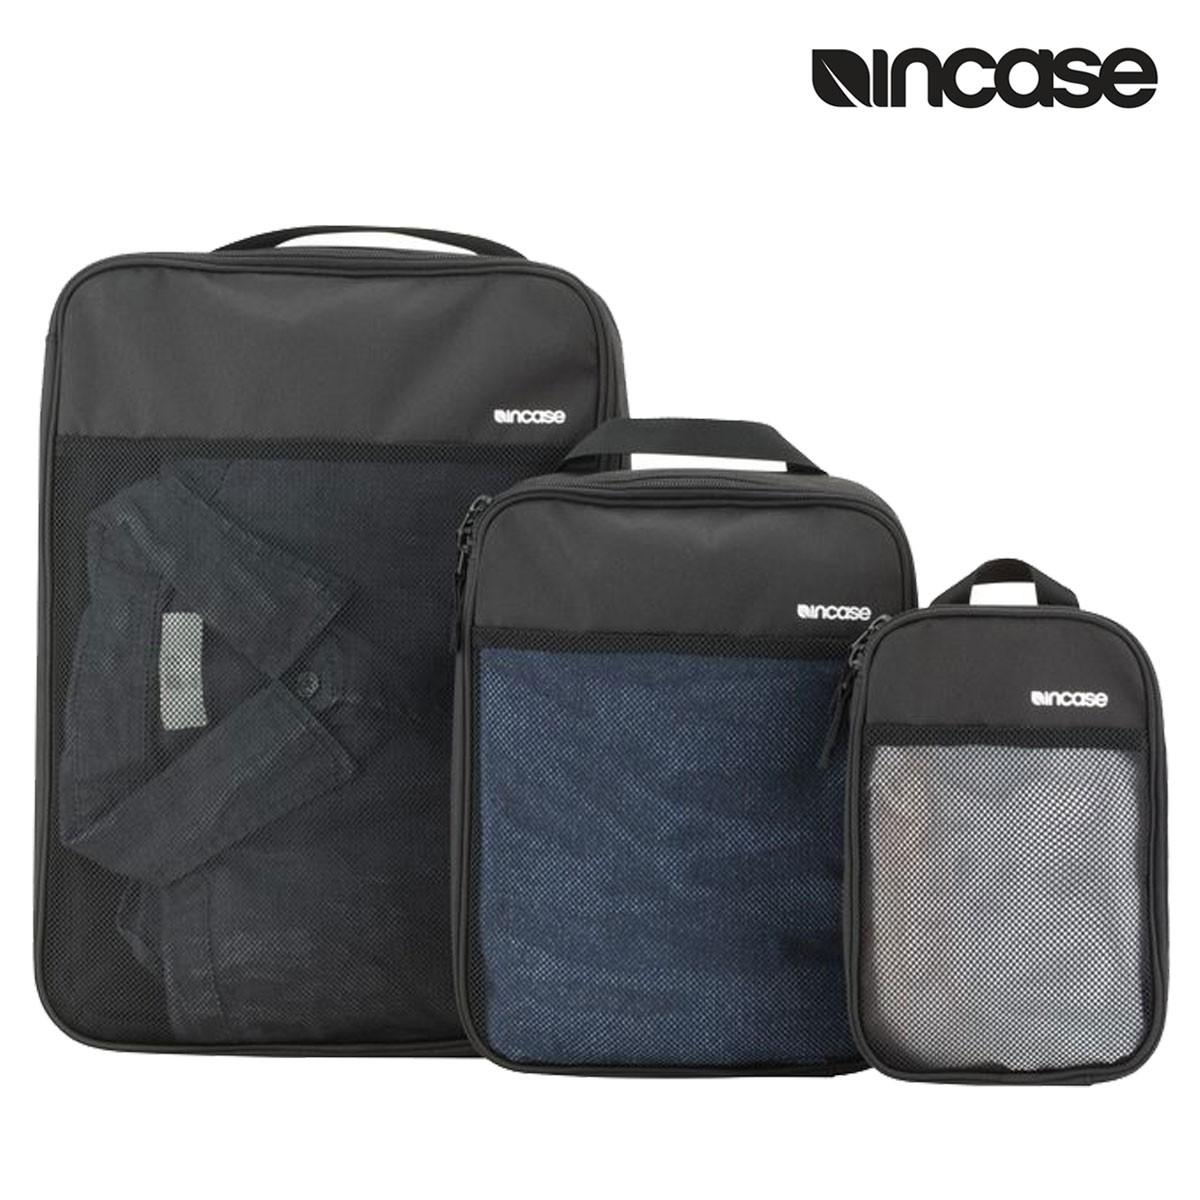 INCASE インケース バッグ インサートバッグ MODULAR MESH 3 PACK INTR400179 レディース メンズ ブラック